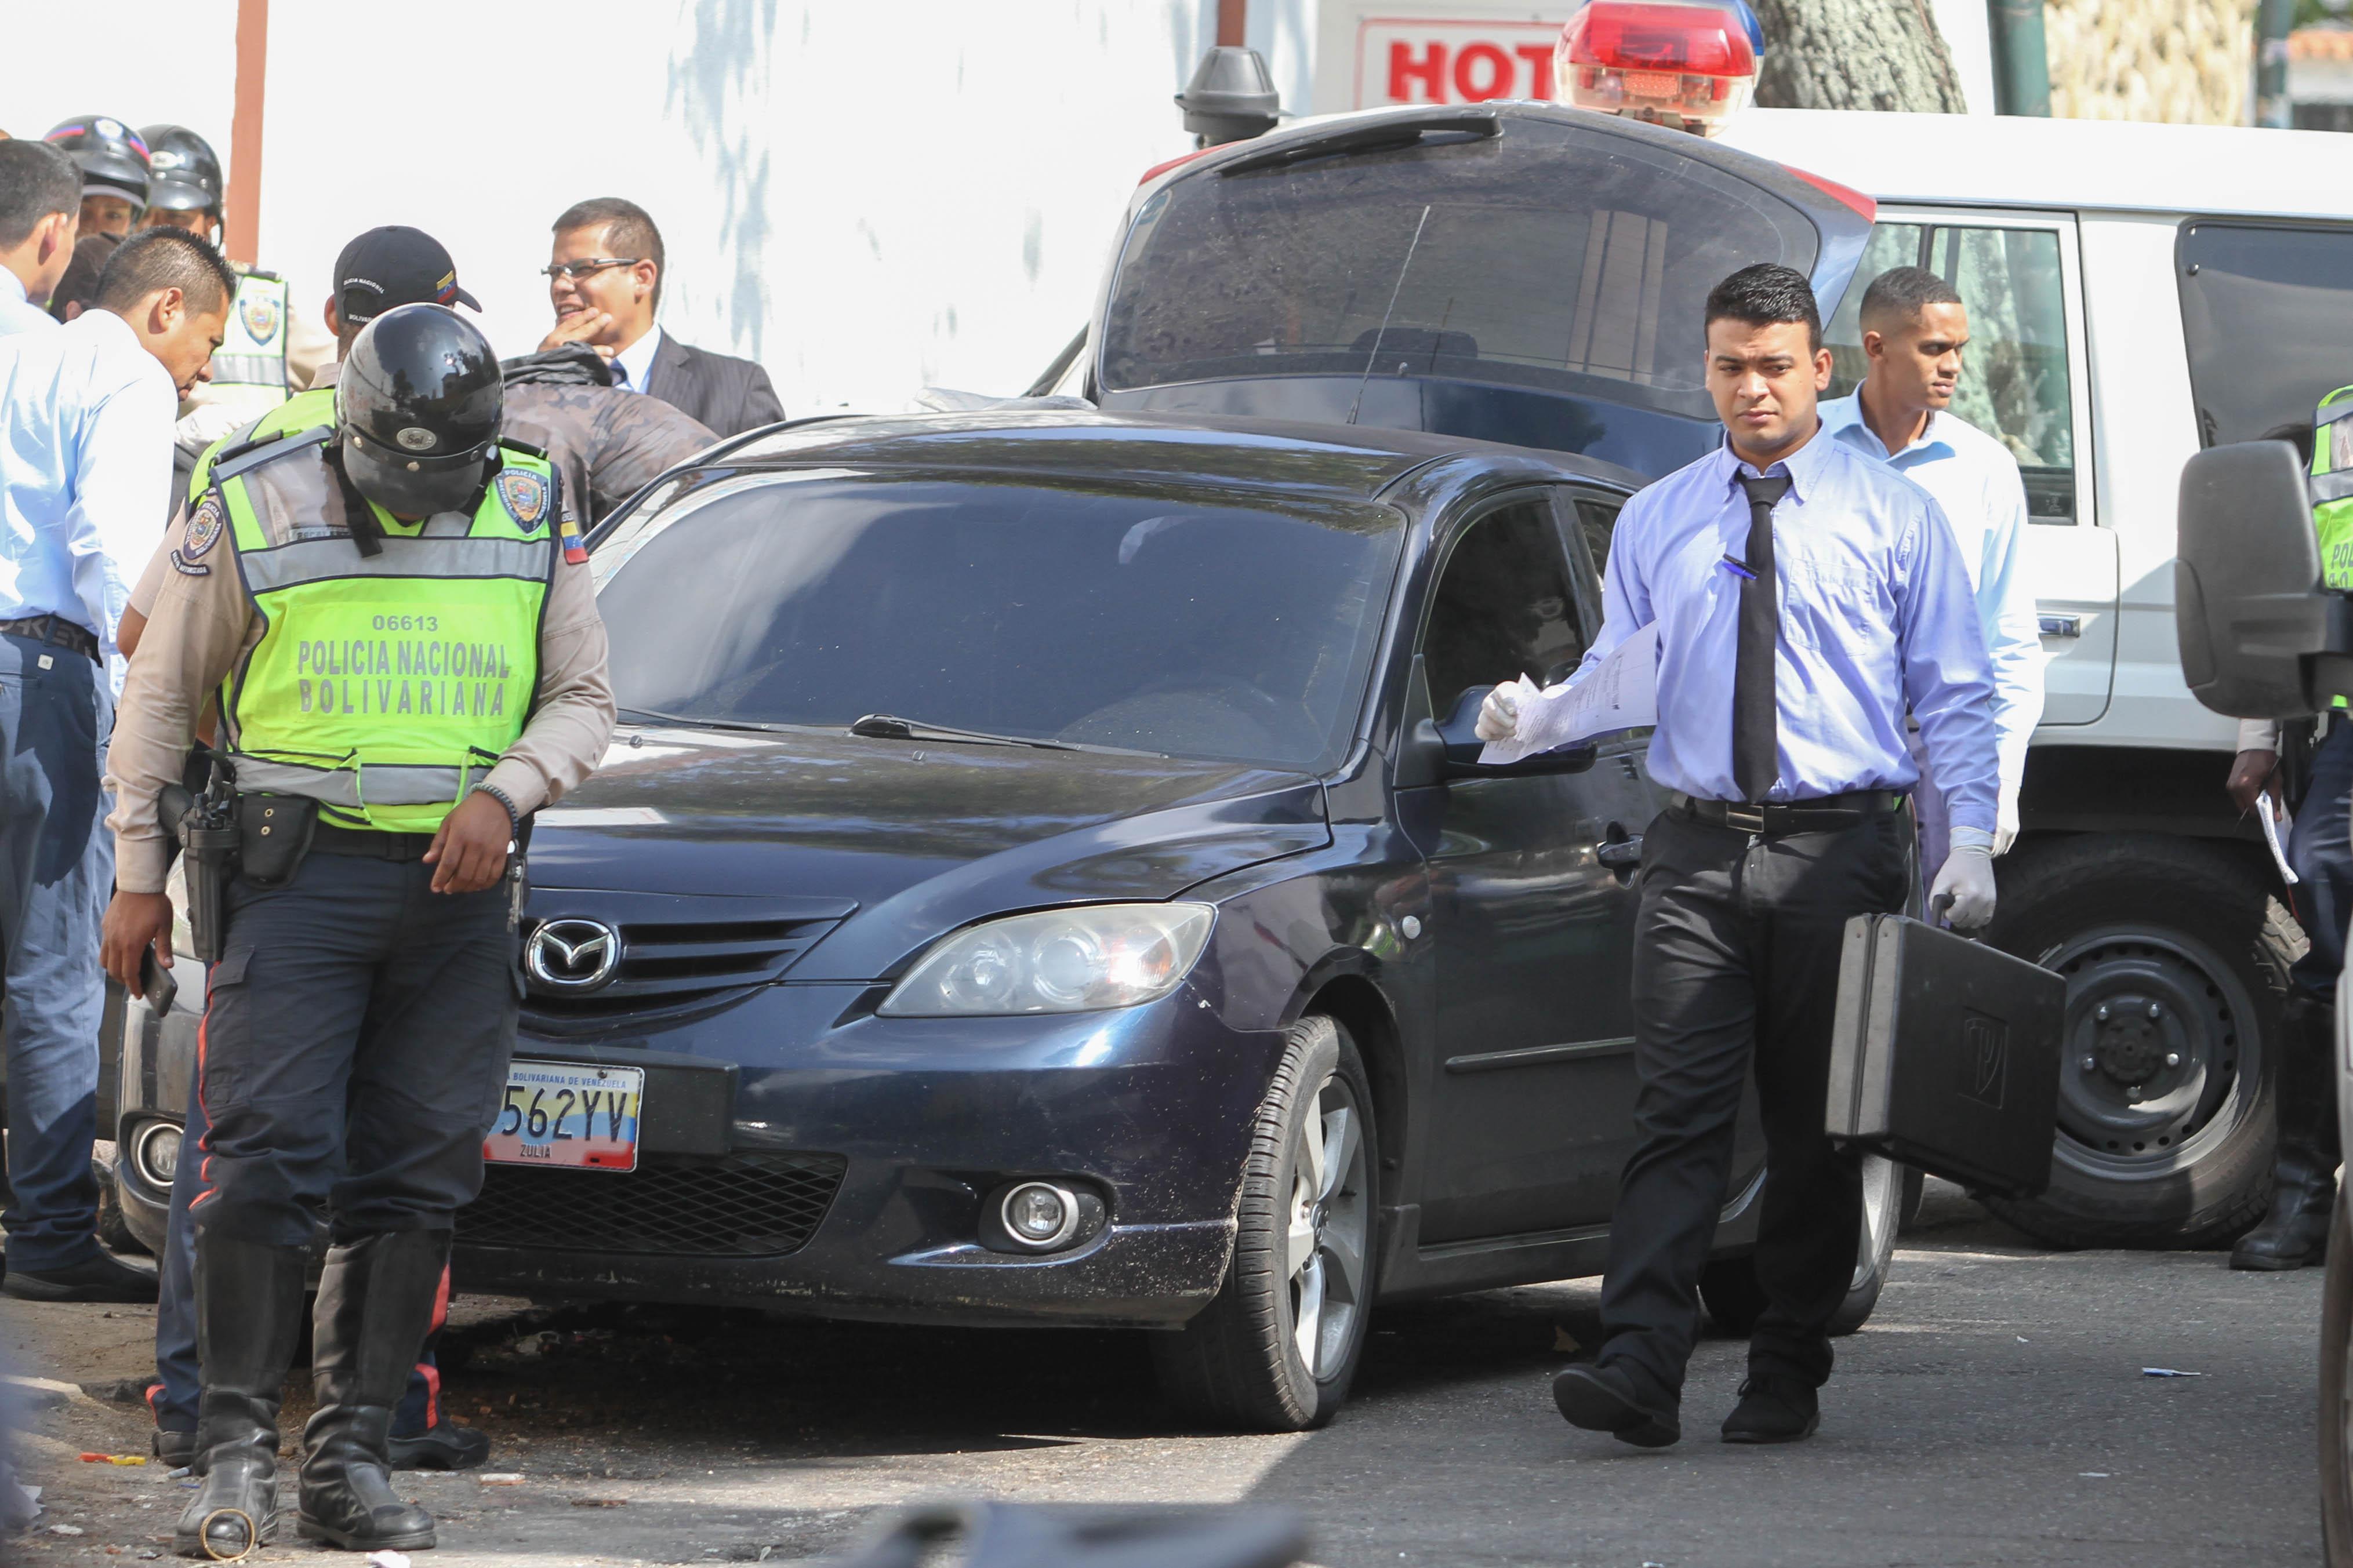 Viernes 07/08/2015 Sucesos/ Caracas Dama asesinada localizada dentro de un Vehiculo descuartizada en la calle los Hoteles de Los Manolos Las Palmas con avenida Andres Bello Fotografo: Carlos Ramirez